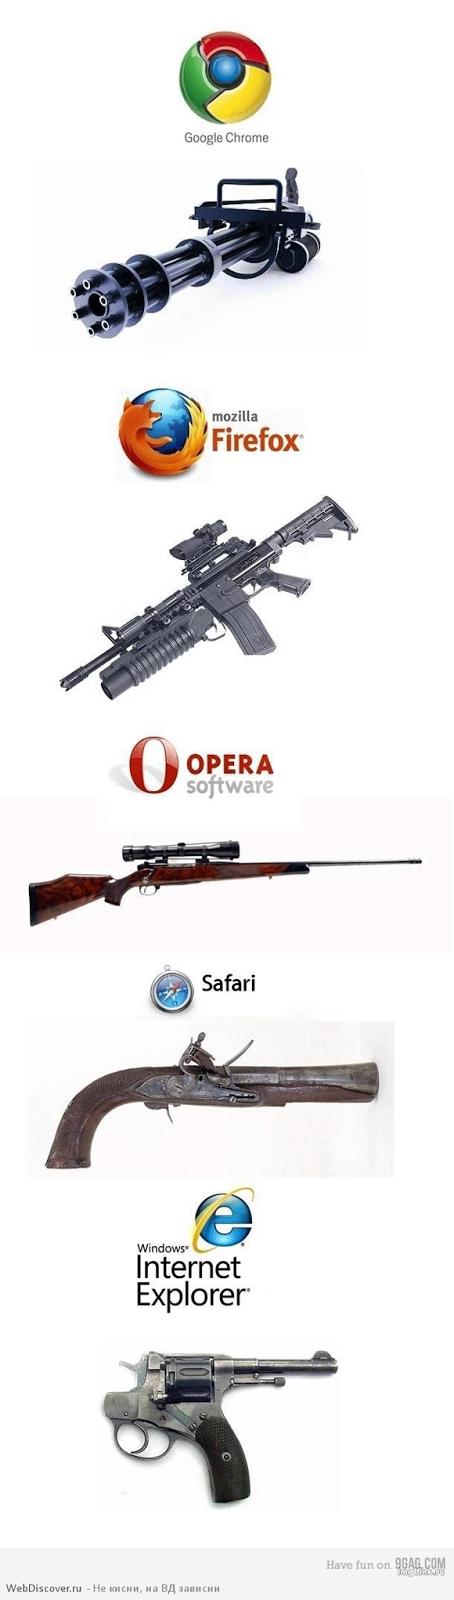 humor geek Si los navegadores fuesen armas